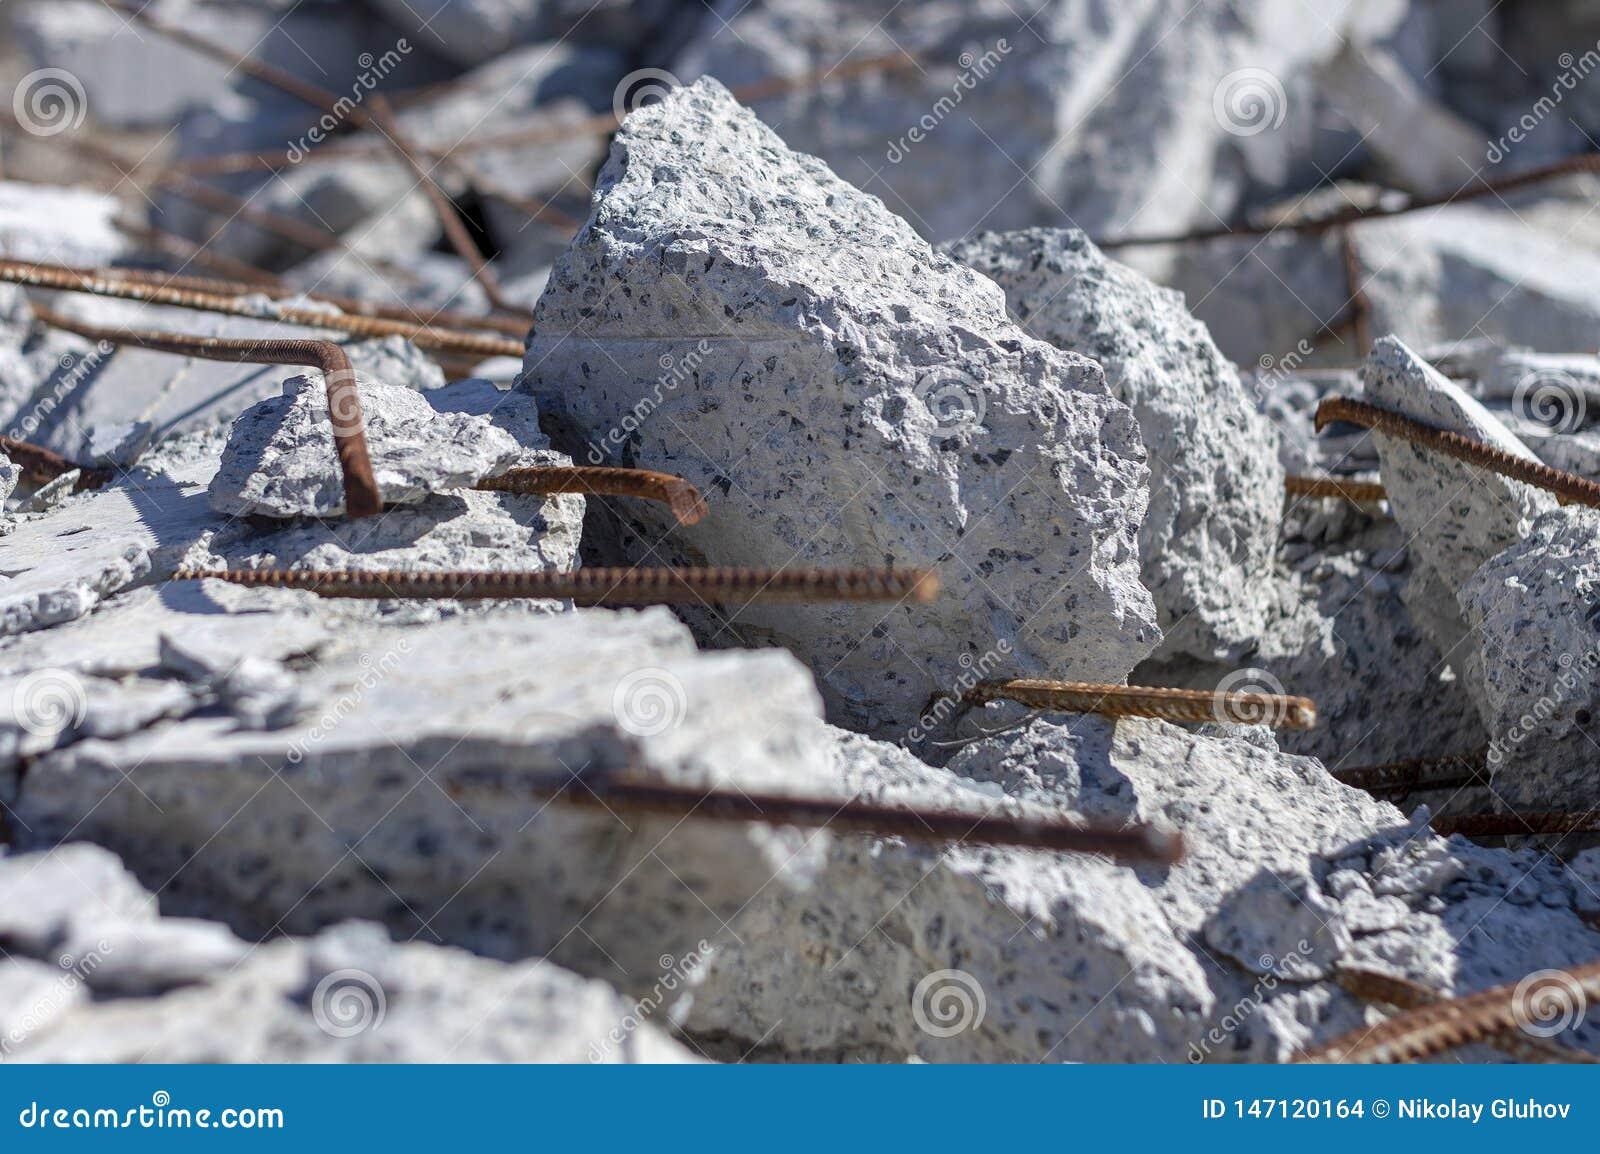 Stukken van beton en versterking na de vernietiging van het oude gebouw